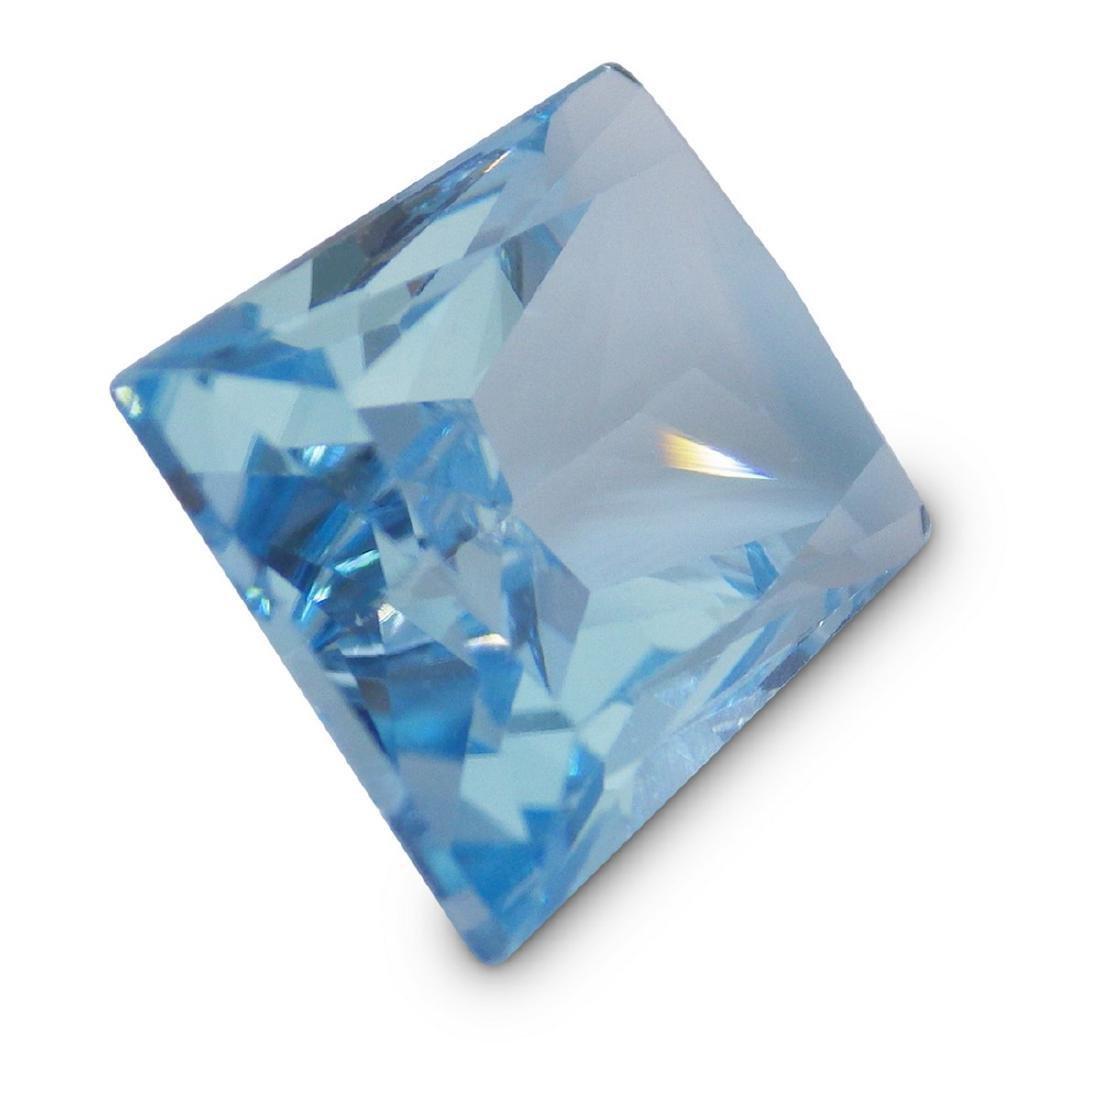 19.47 Carat Loose Emerald Blue Topaz - 7